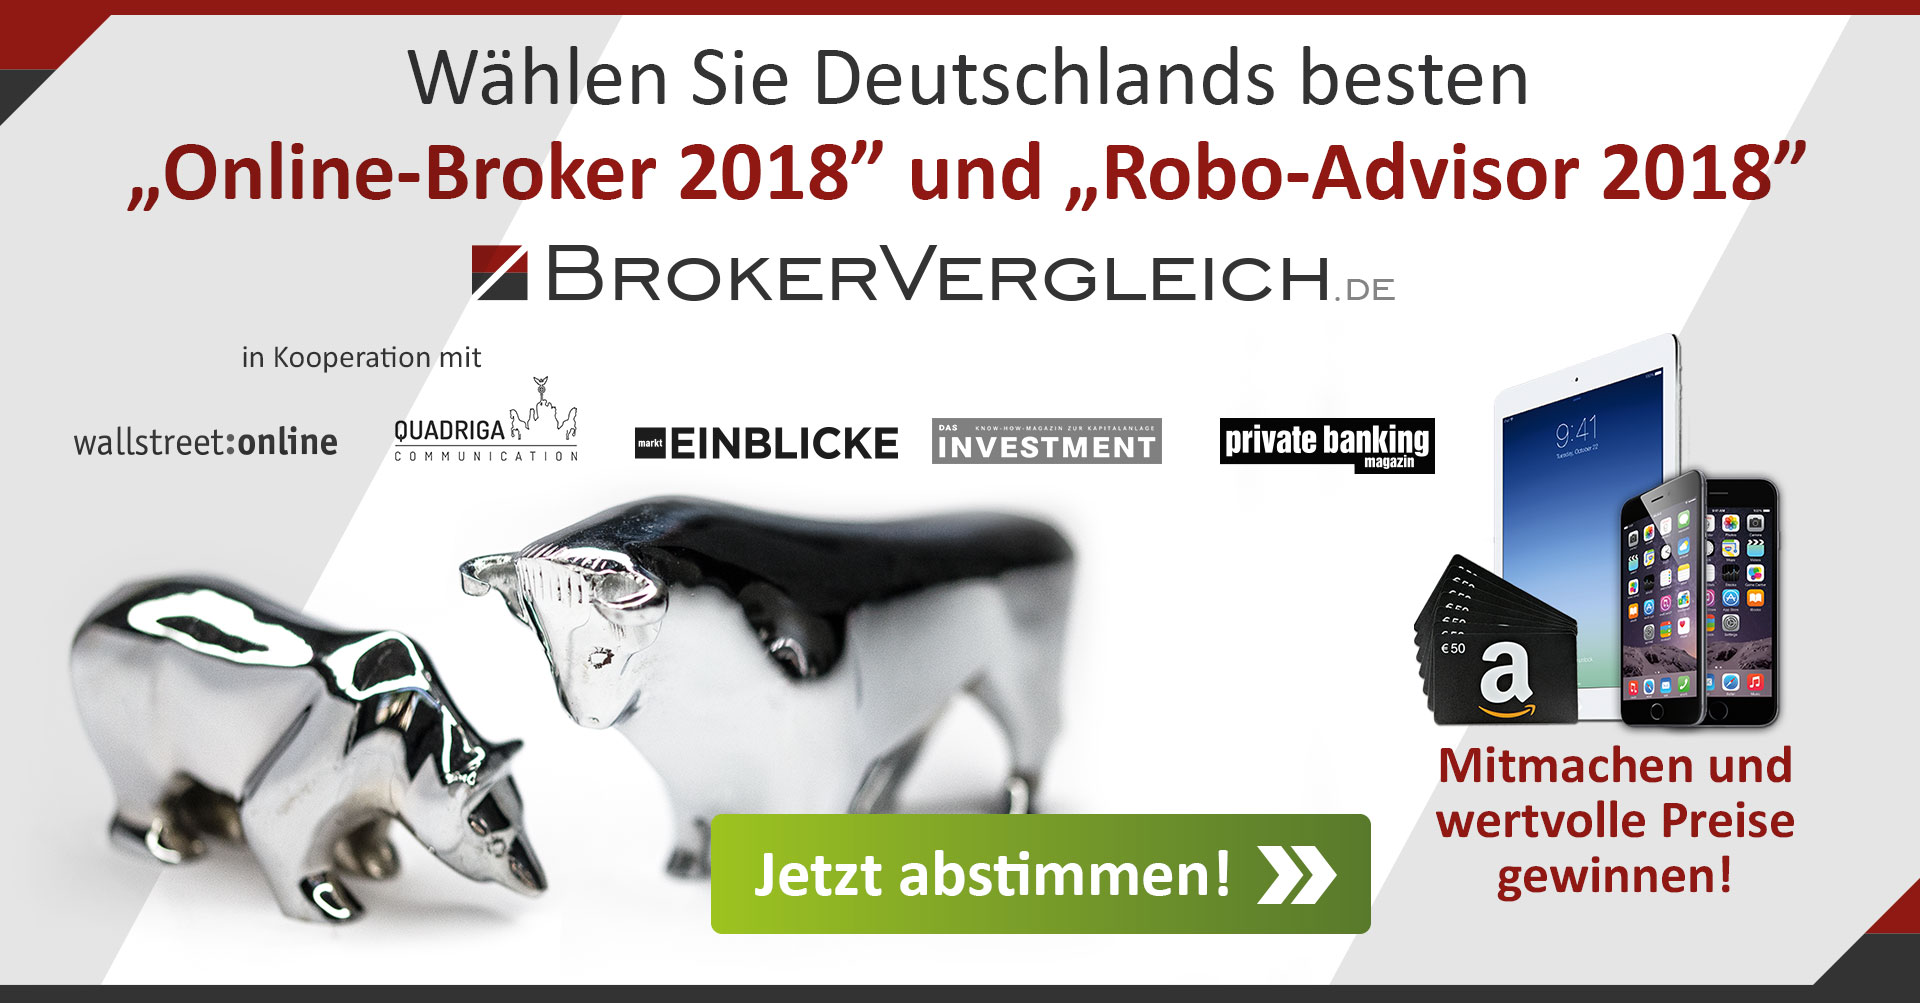 broker-and-robo-advisor-2018-brokervergleich-de-1920x1003